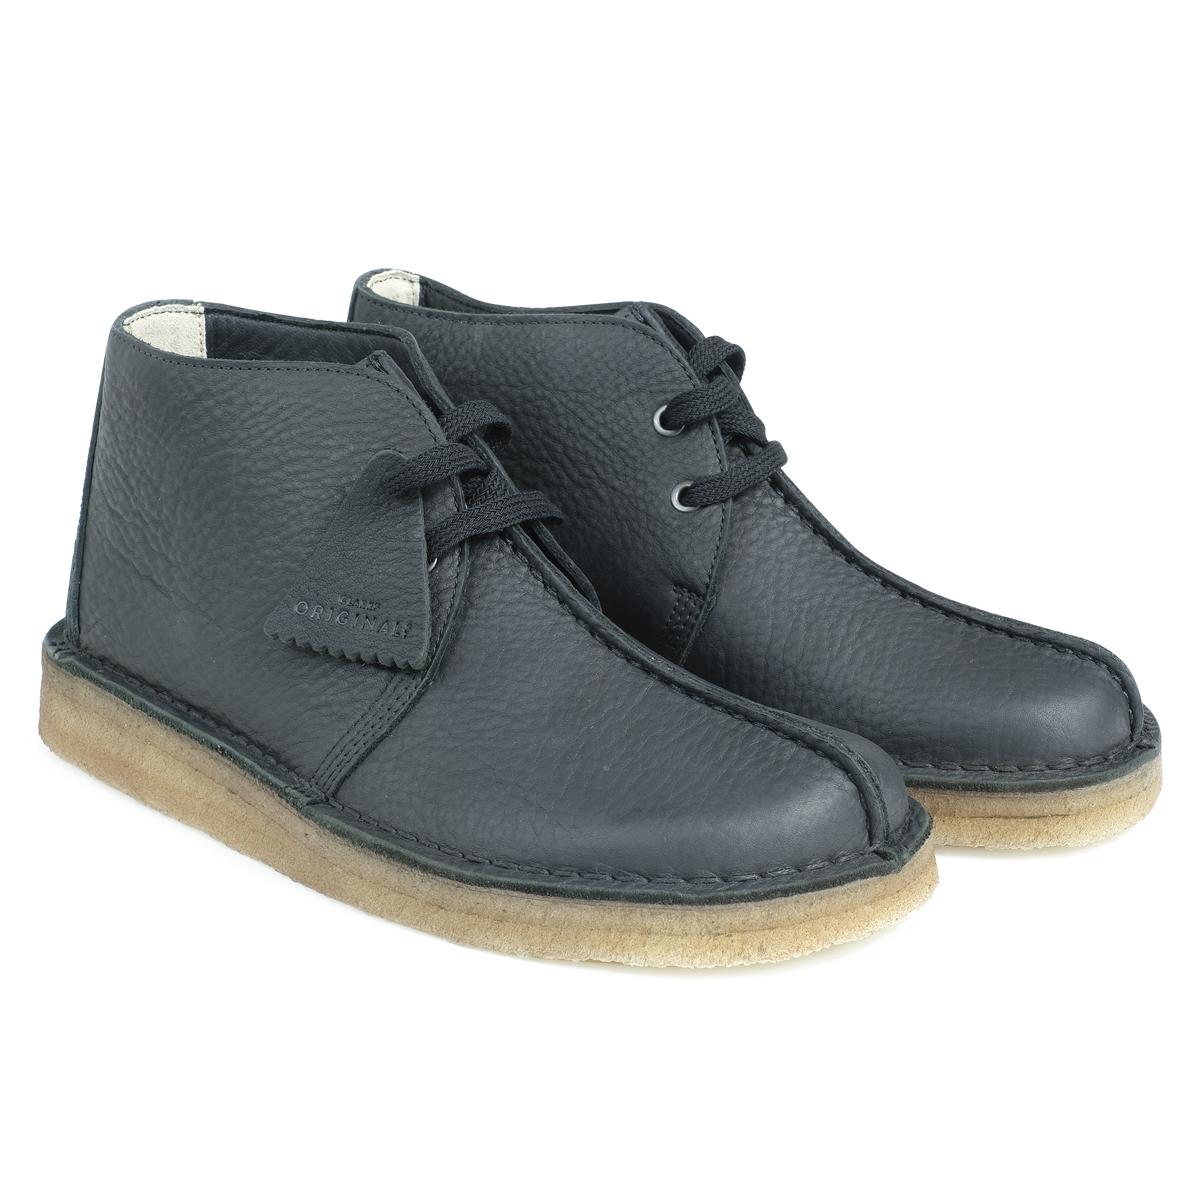 Clarks DESERT TREK HI クラークス デザートトレック ブーツ メンズ 26128366 靴 ブラック